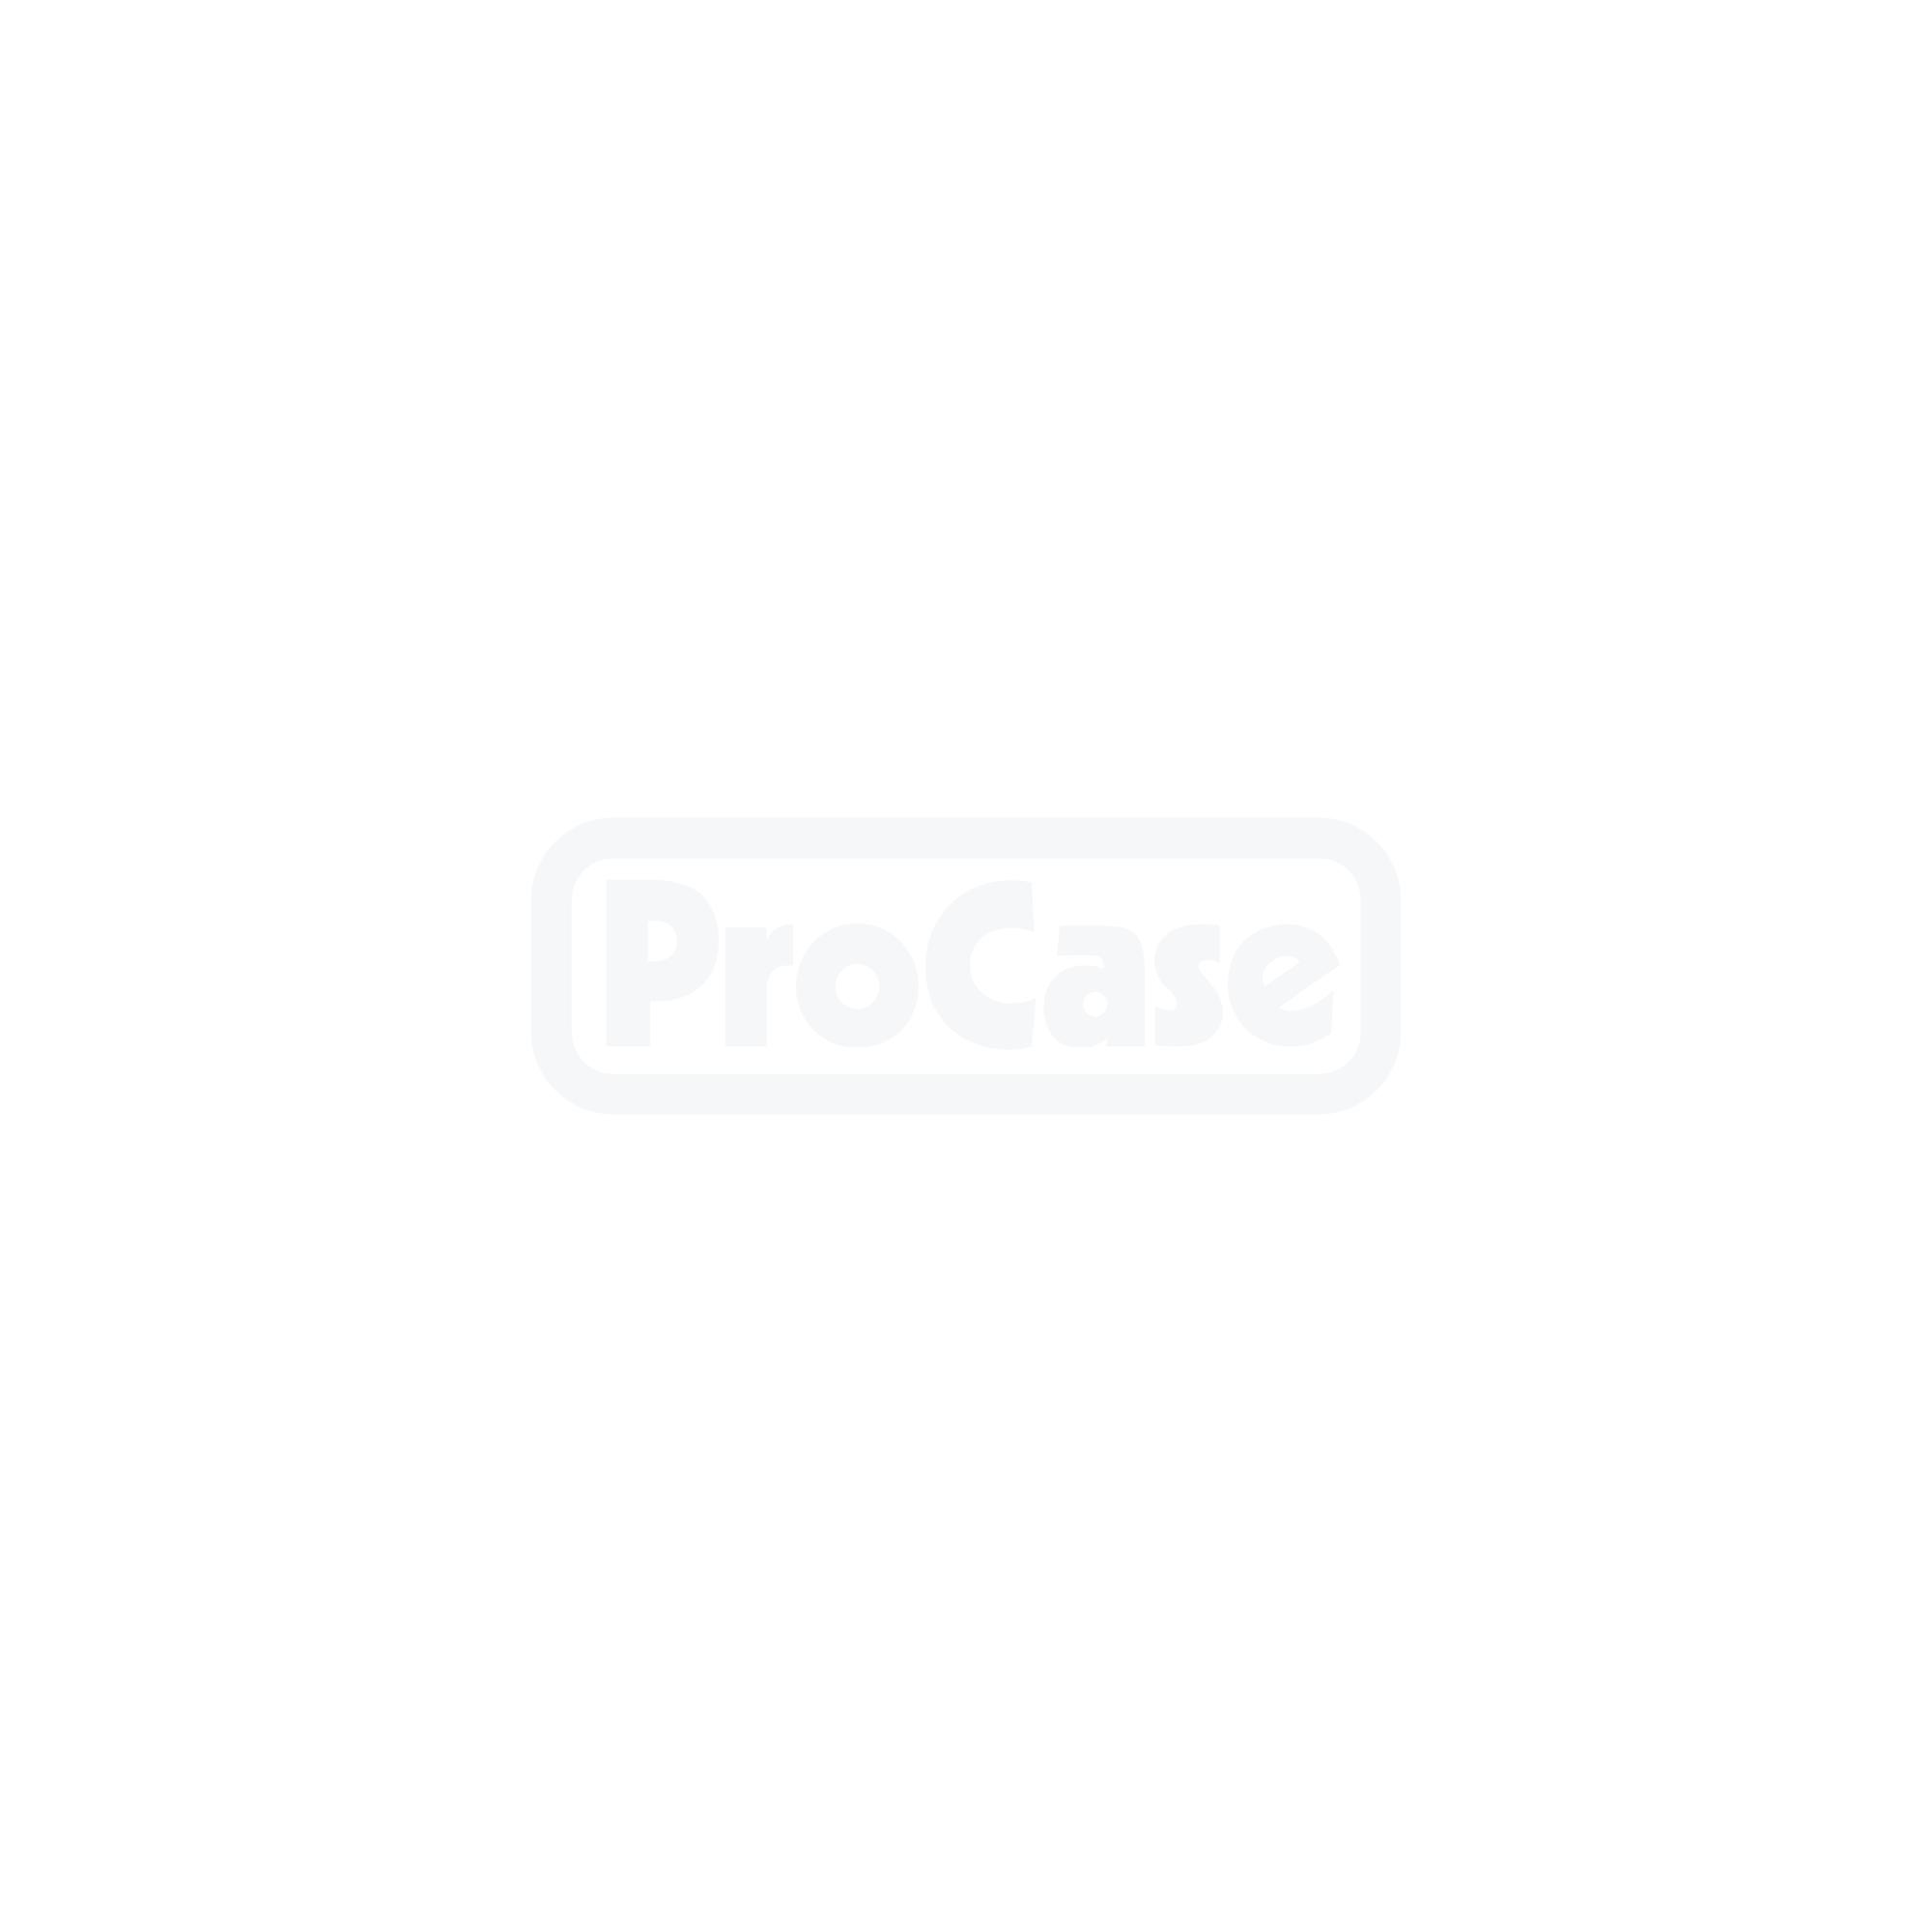 SKB 3i Koffer 2918-10 leer mit Trolley 3